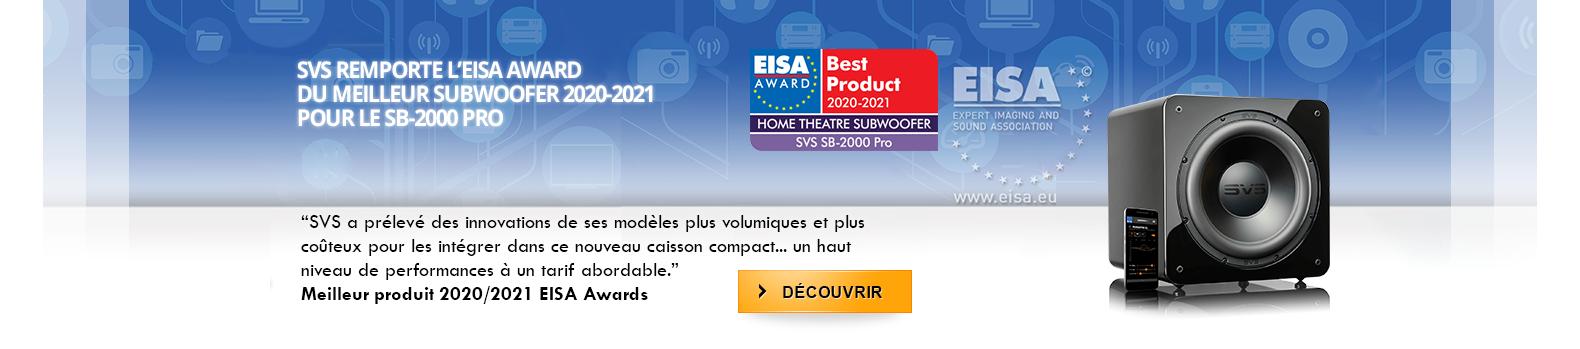 SVS remporte l'EISA award du meilleur caisson 2020-2021